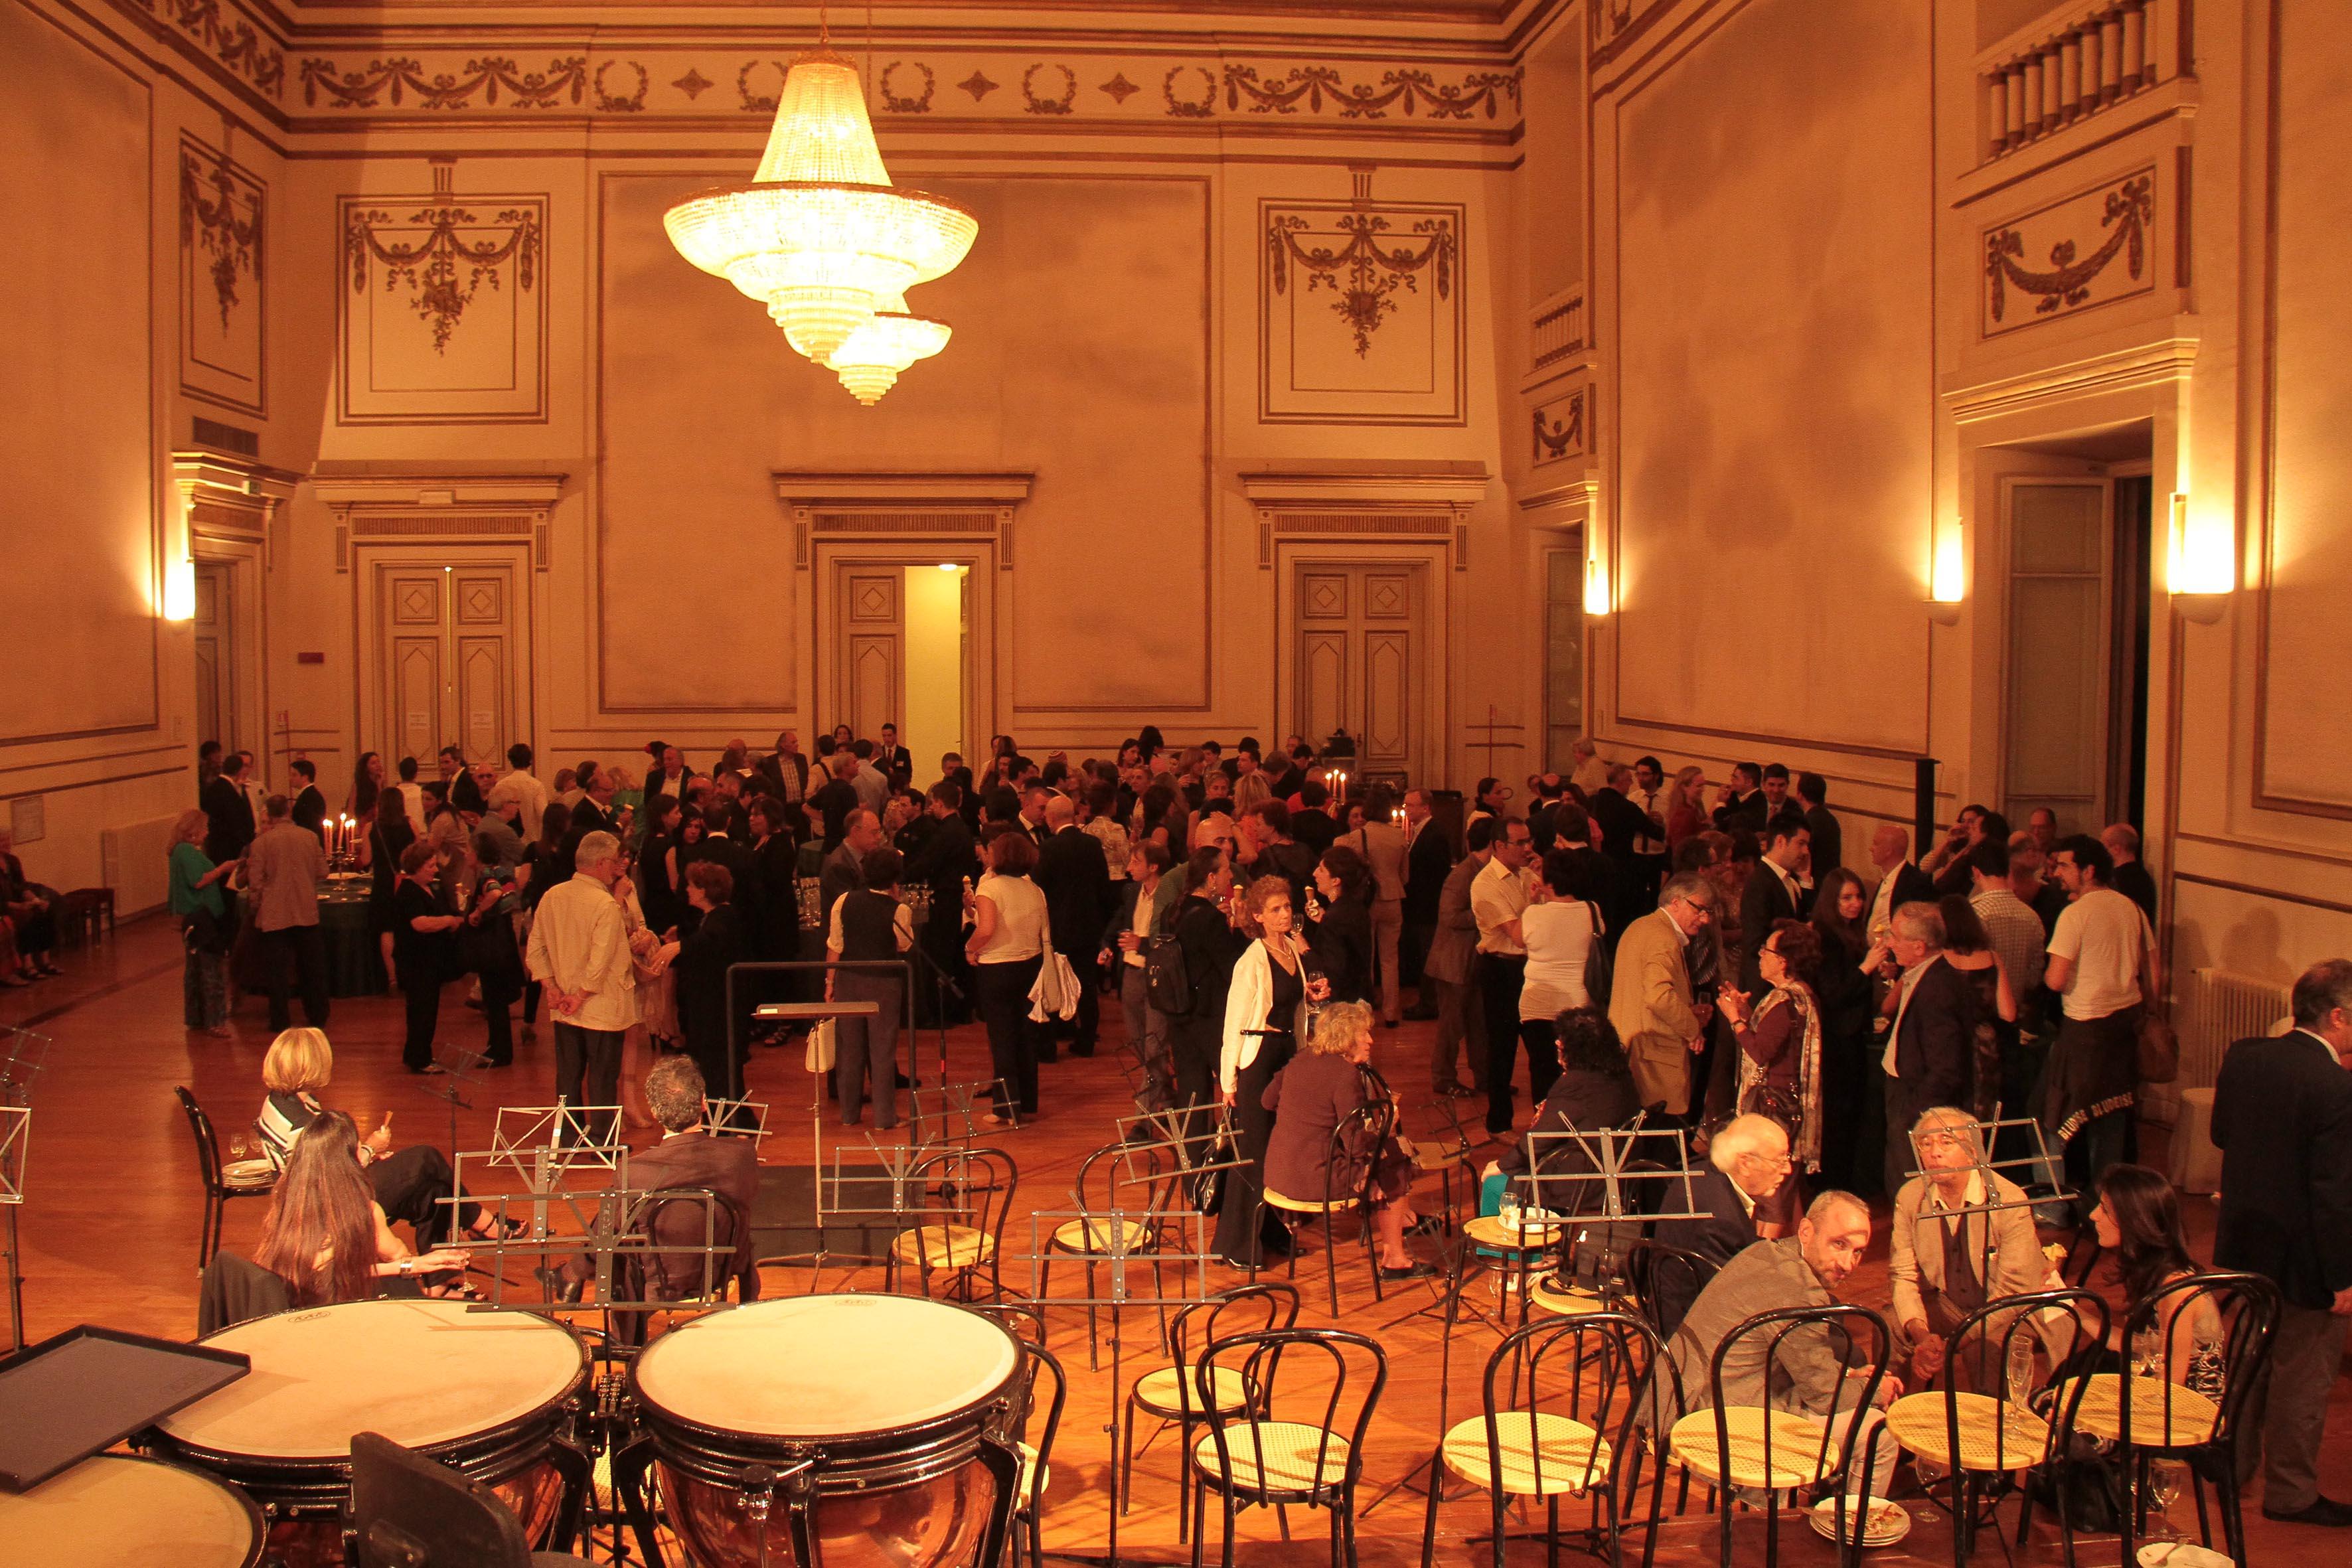 PRESSPHOTO Firenze, La Pergola, party dopo la prima di Viviani Varietà con Massimo Ranieri.  giuseppe cabras/new press photo